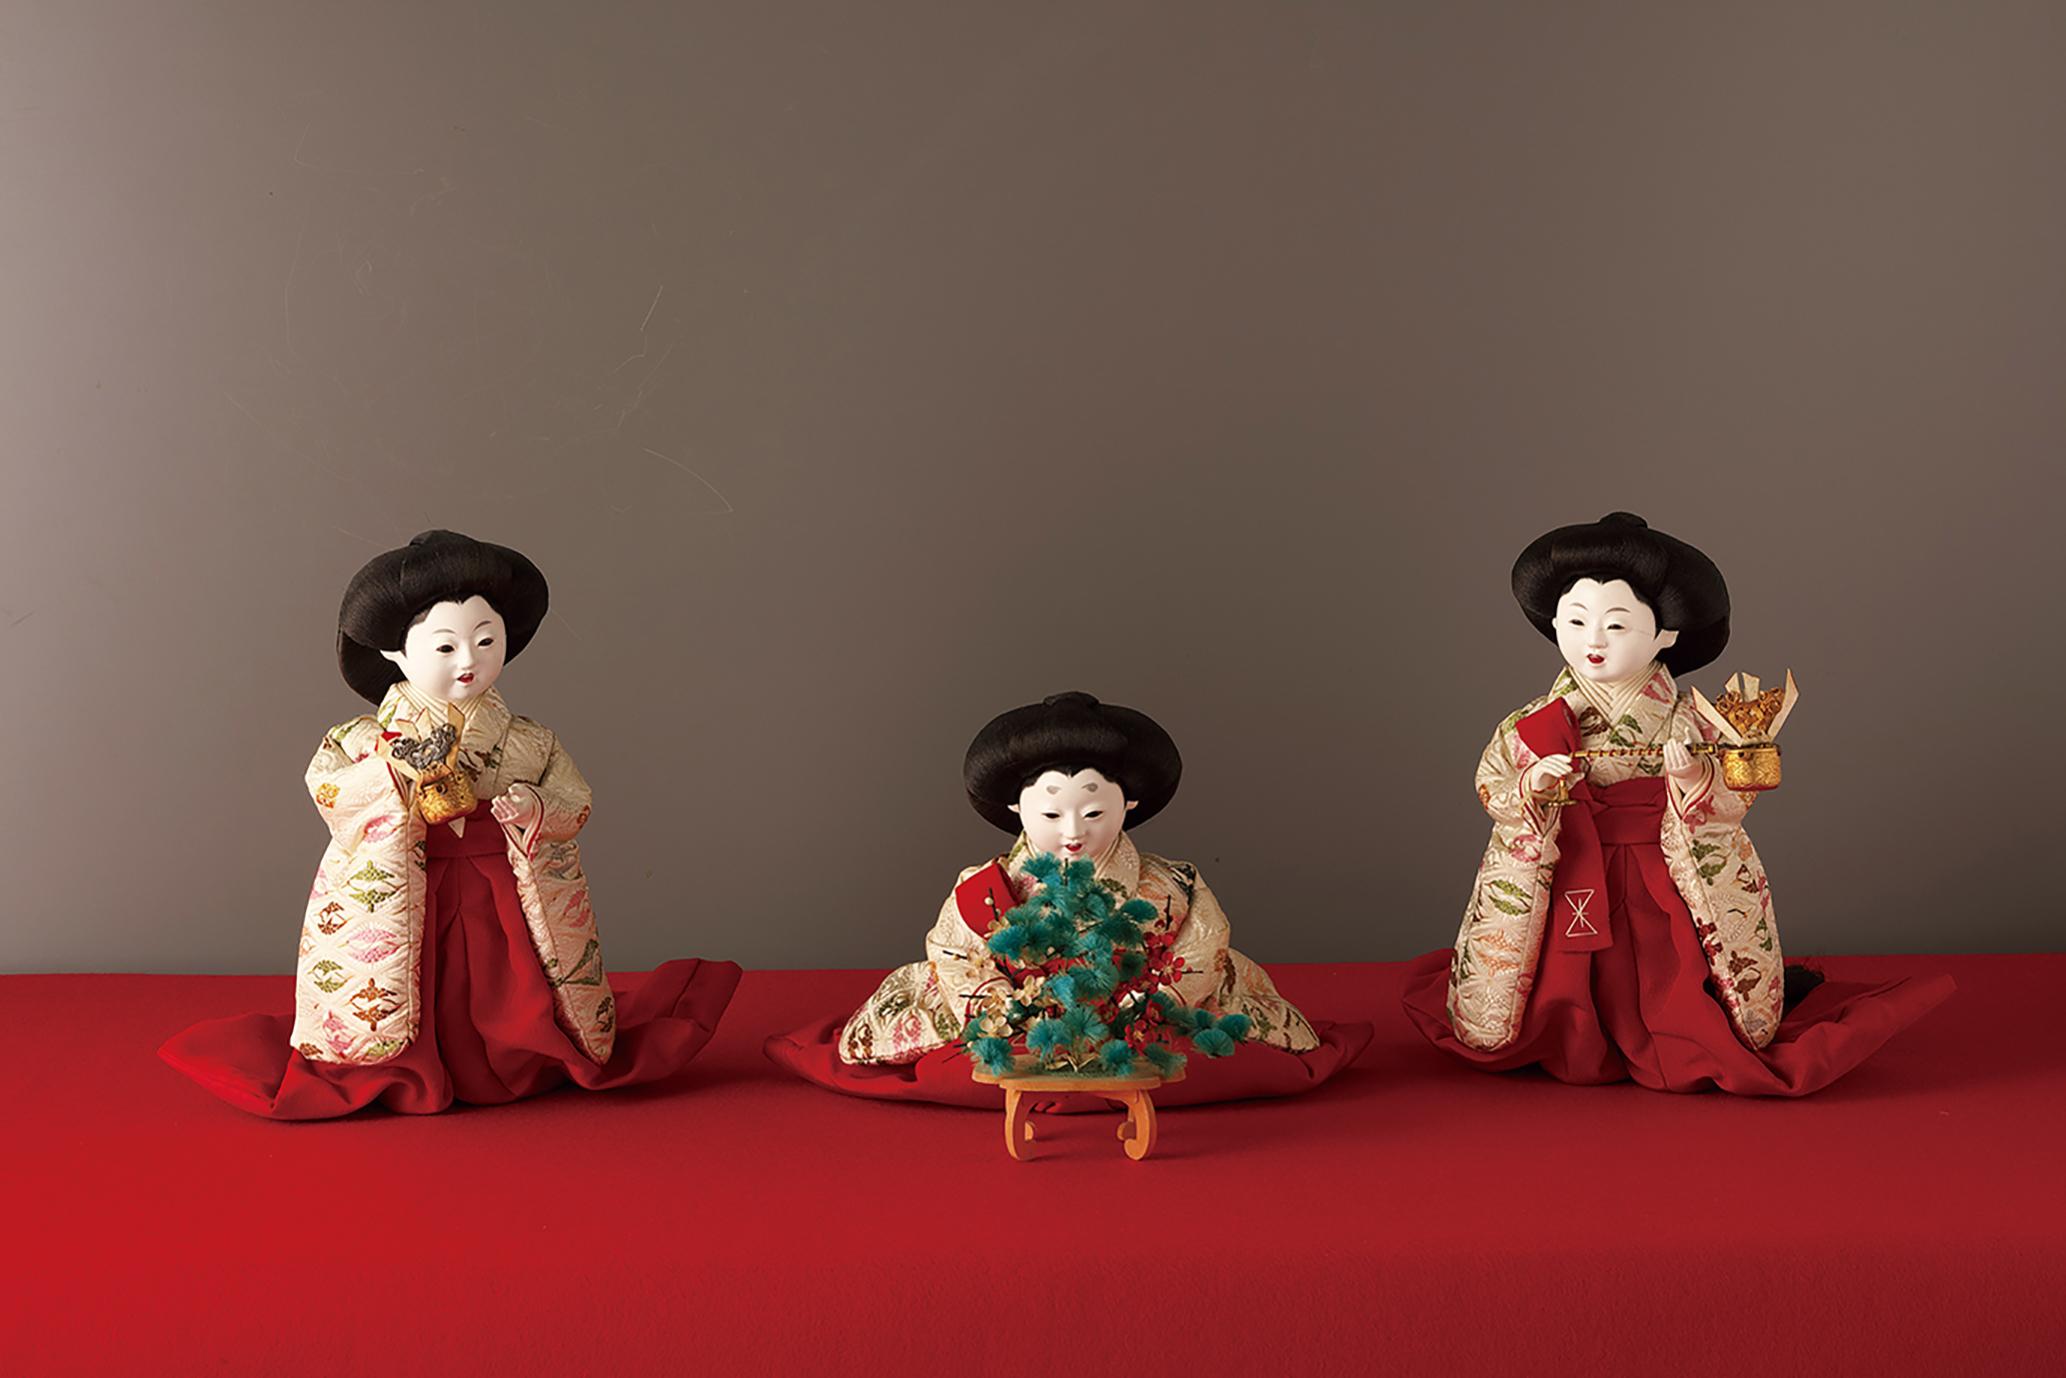 「岩﨑家雛人形」のうち三人官女 五世大木平藏製 昭和初期 静嘉堂文庫美術館蔵 【全期間展示】